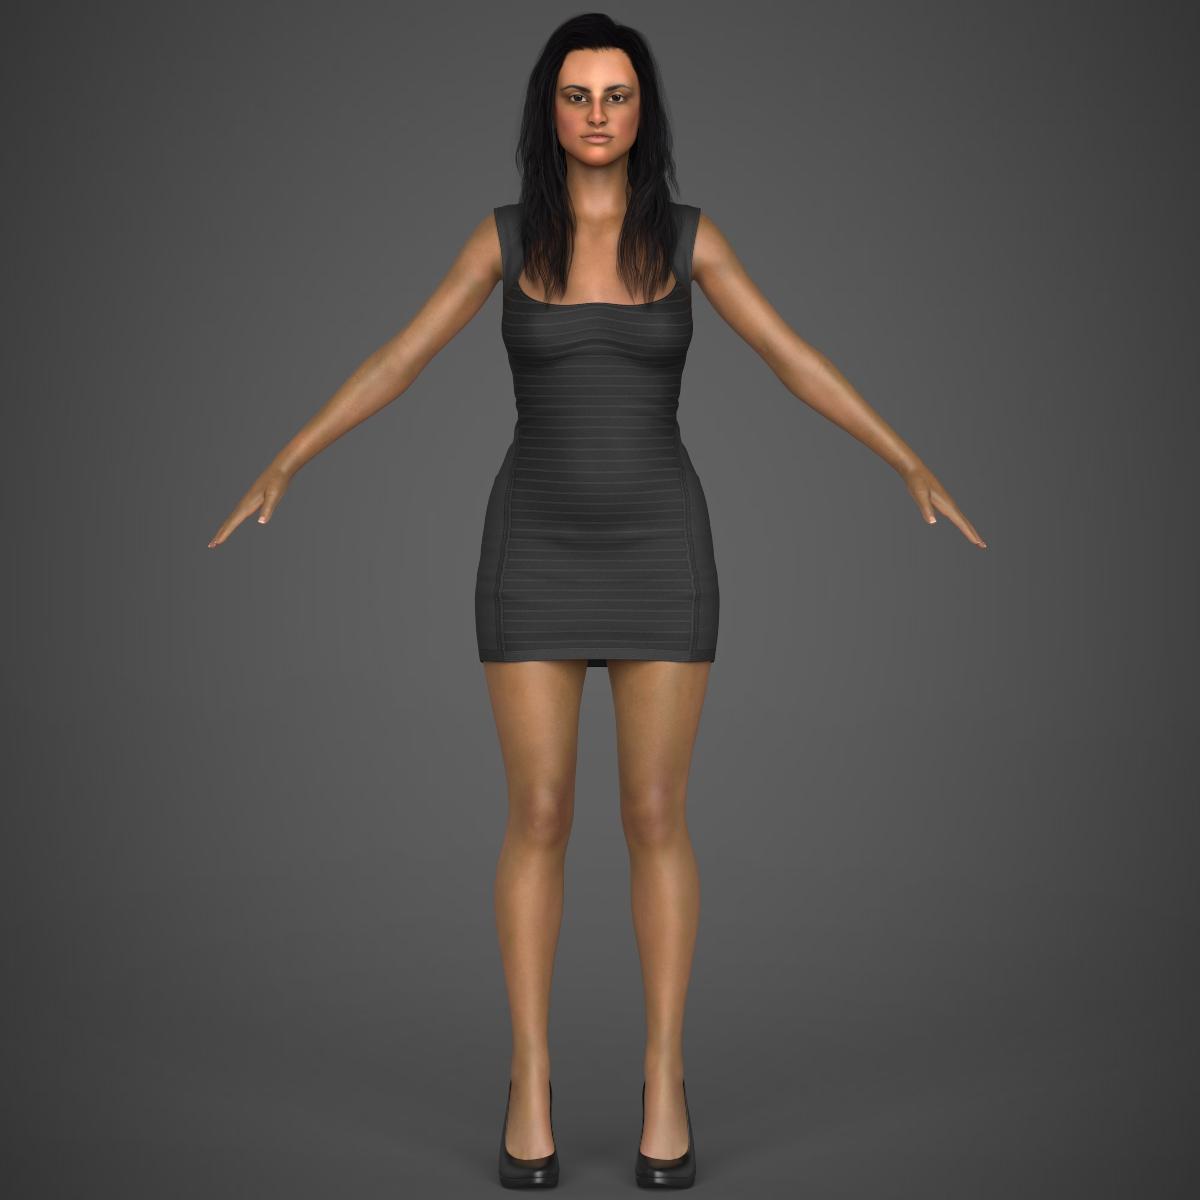 young sexy woman 3d model max fbx c4d ma mb texture obj 221217